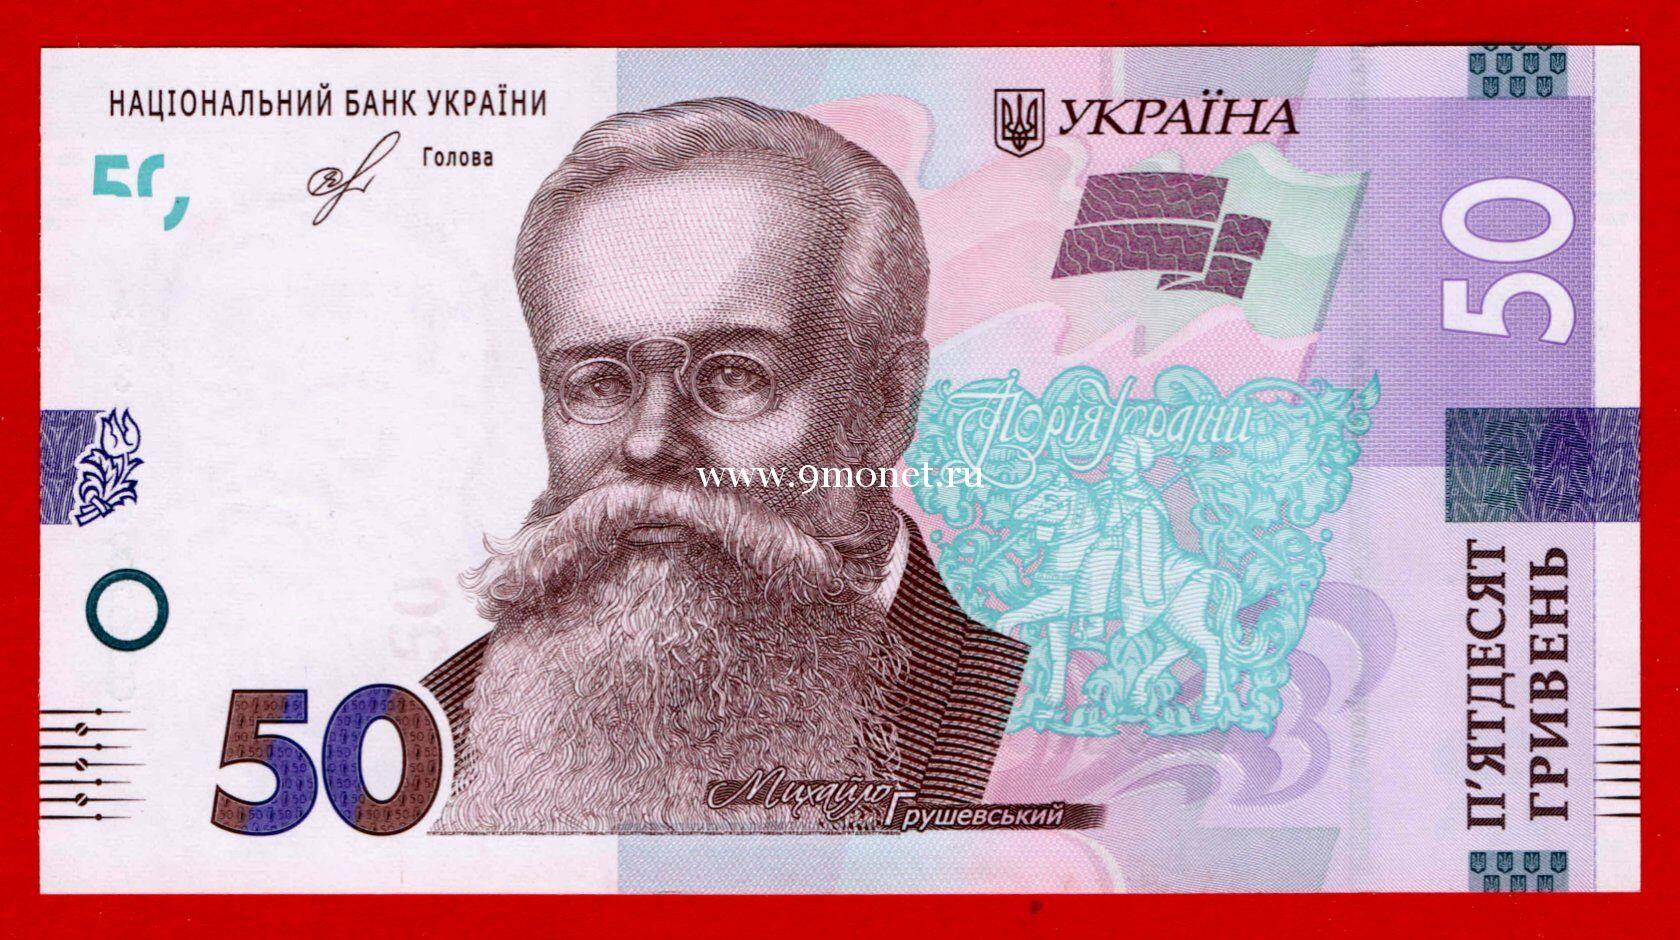 Украина банкнота 50 гривен 2019 года.